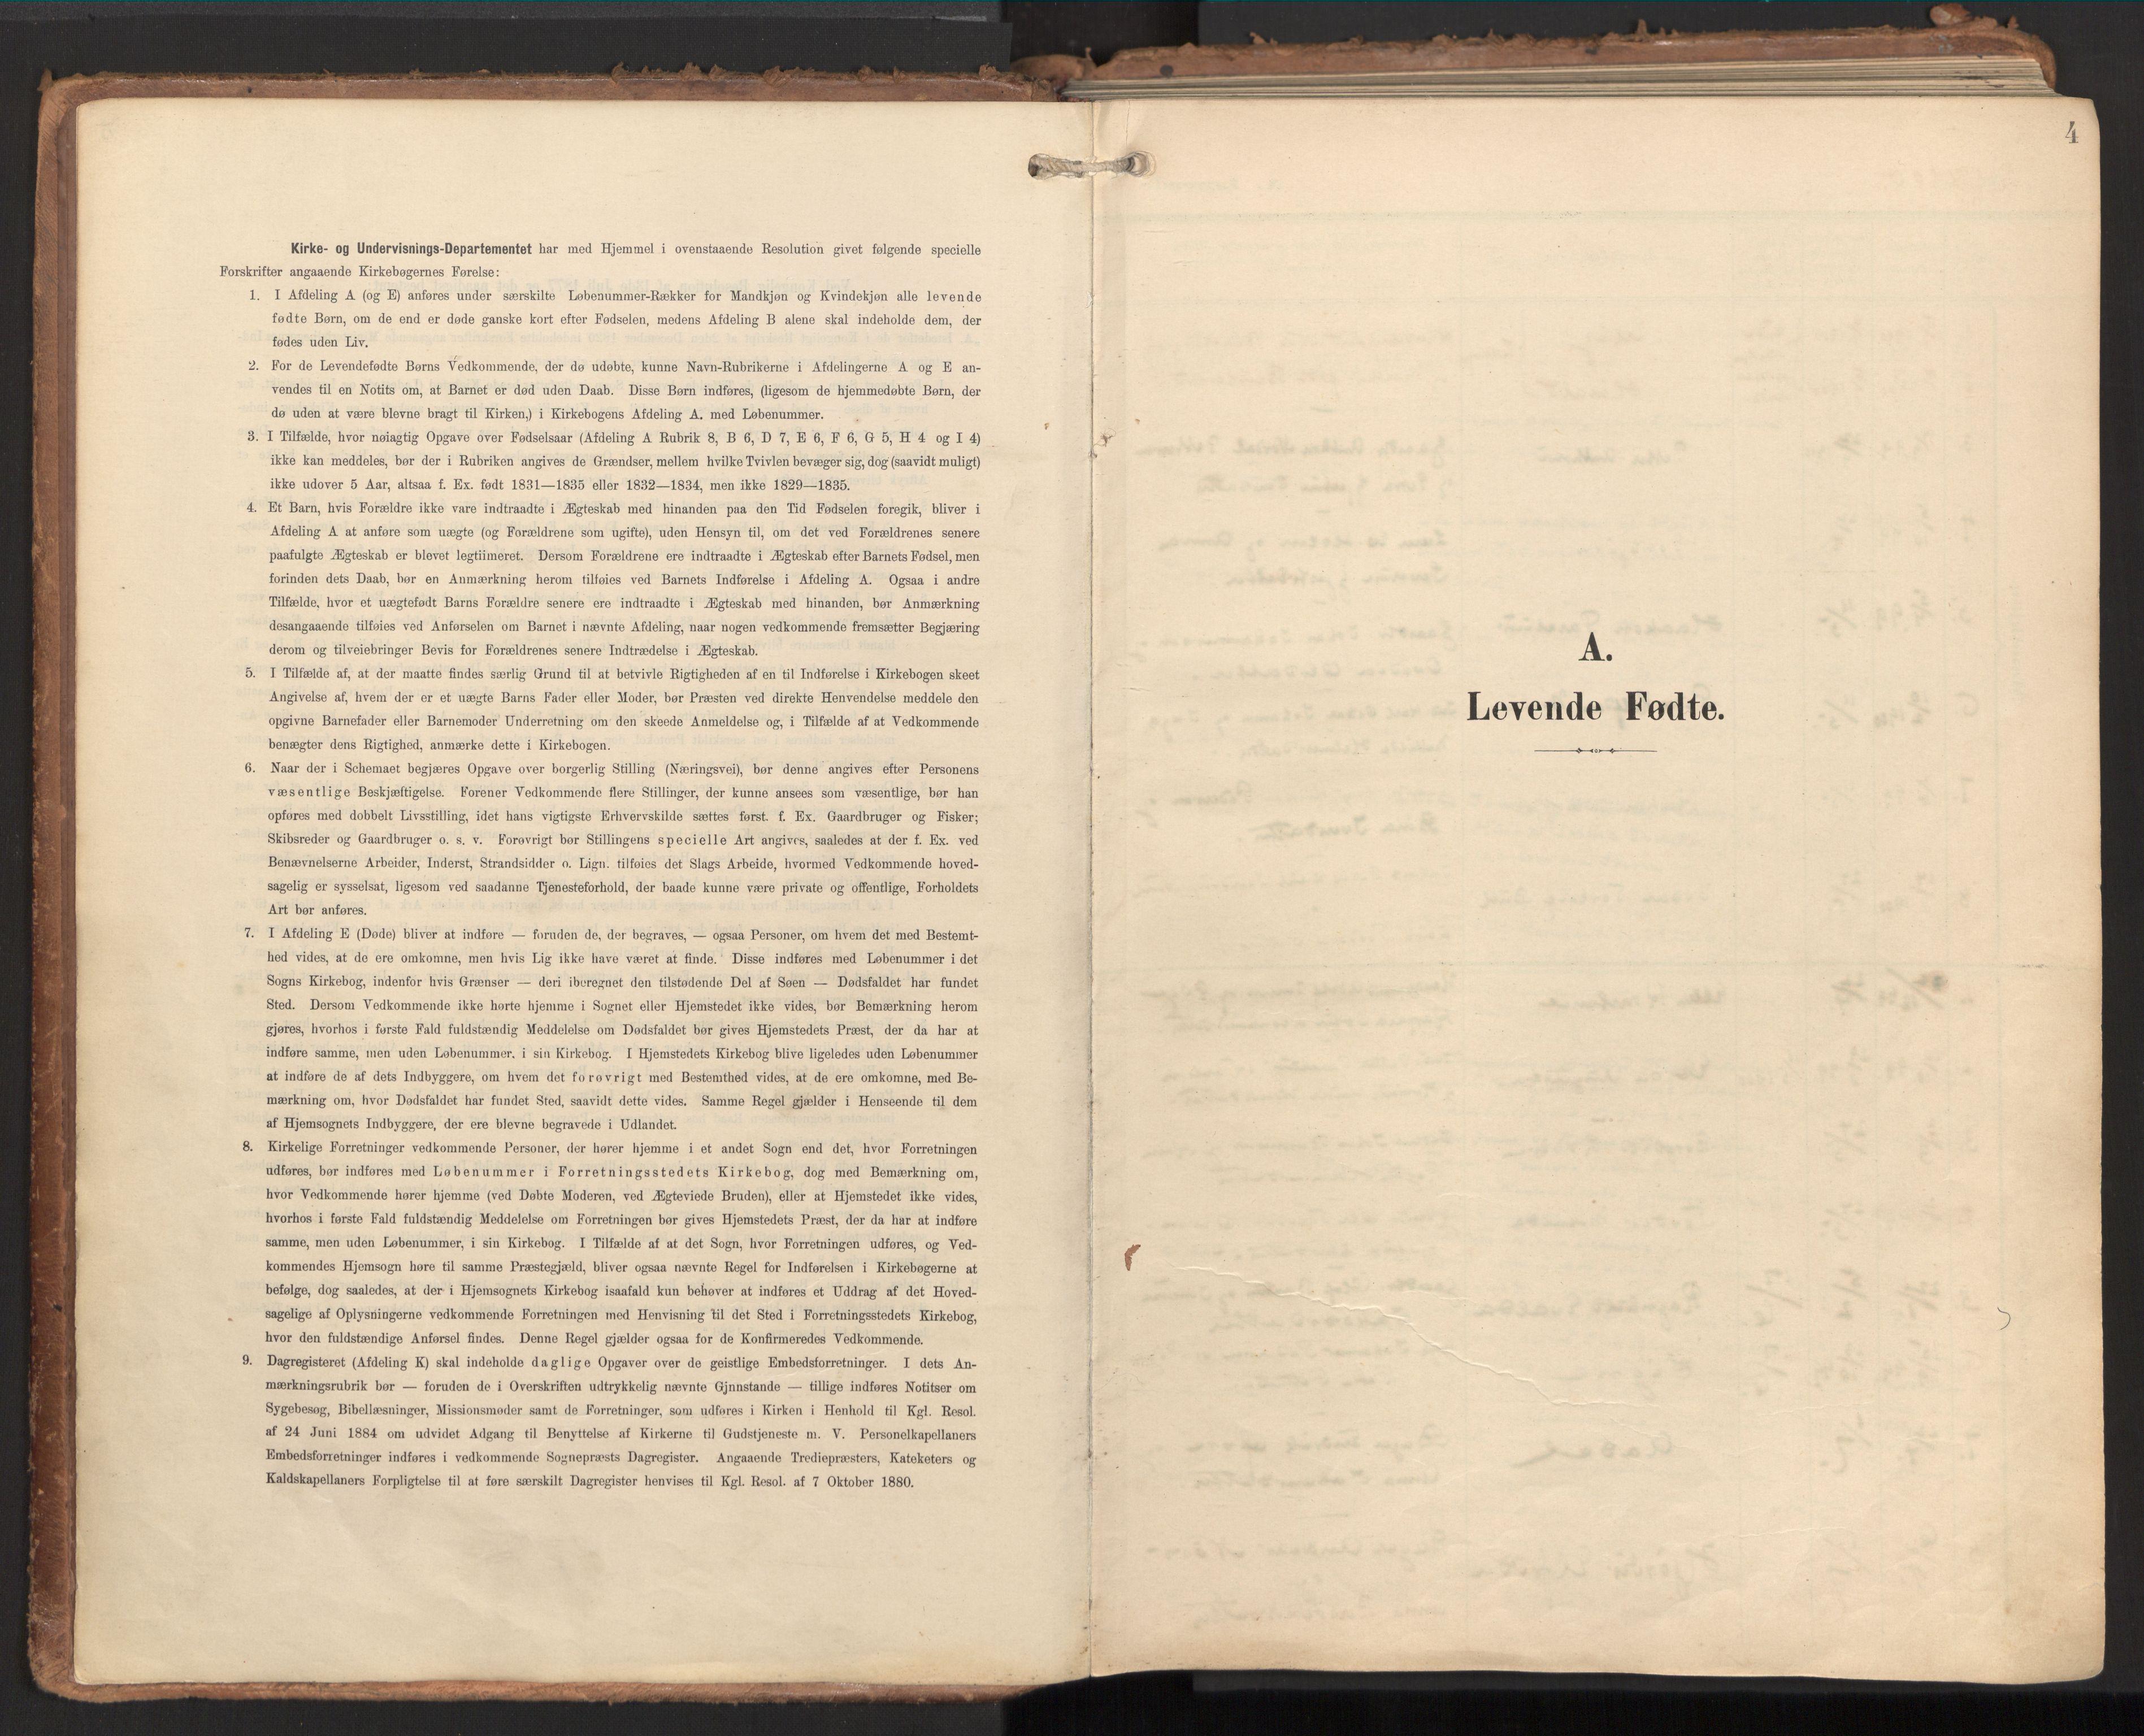 SAT, Ministerialprotokoller, klokkerbøker og fødselsregistre - Nord-Trøndelag, 784/L0677: Ministerialbok nr. 784A12, 1900-1920, s. 4